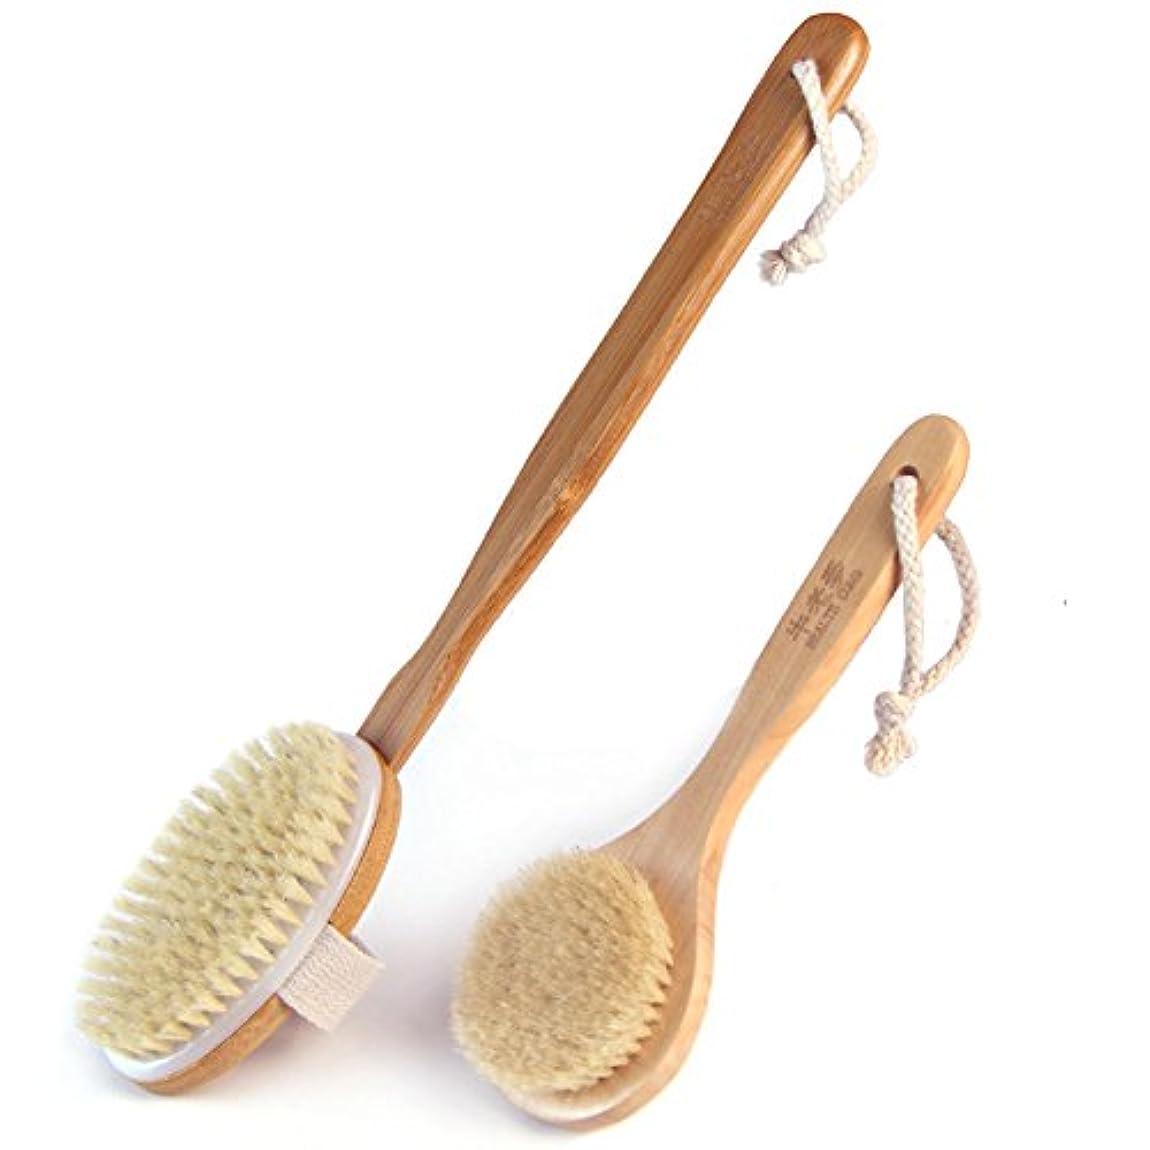 遺伝的ロードされた行商ボディバックエクスフォリエーターマッサージスクラバー用2個の丈夫なロング竹ハンドル毛バスブラシ